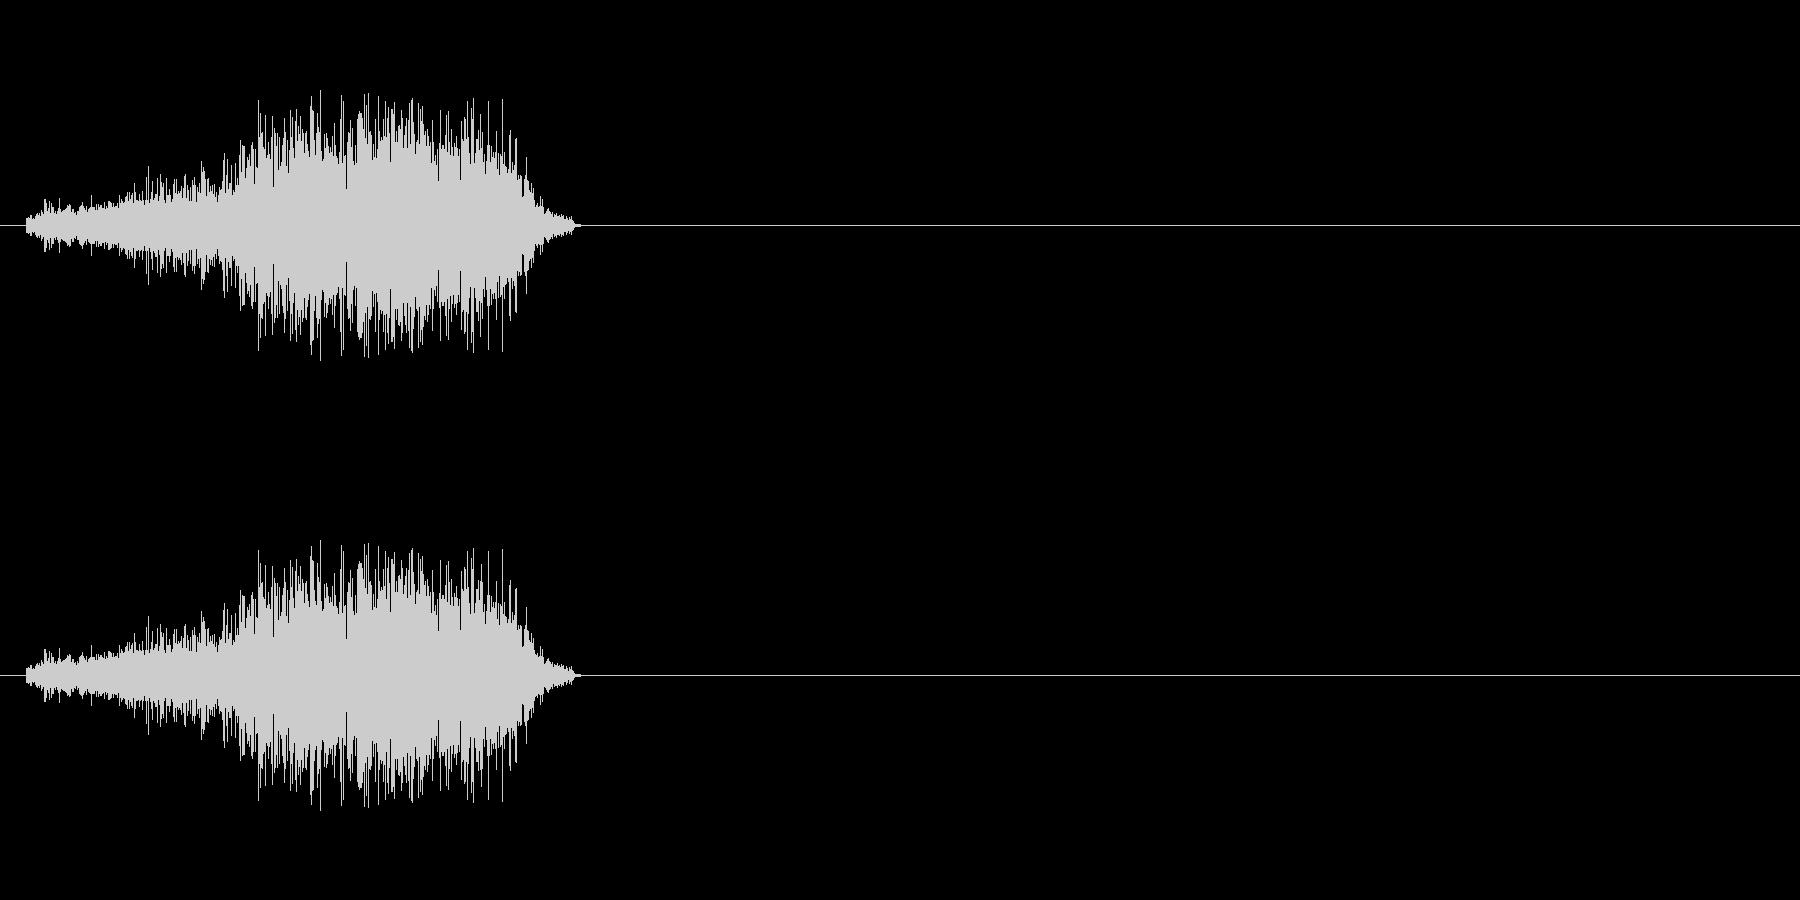 【生音】びりー。A4コピー用紙を破る音の未再生の波形